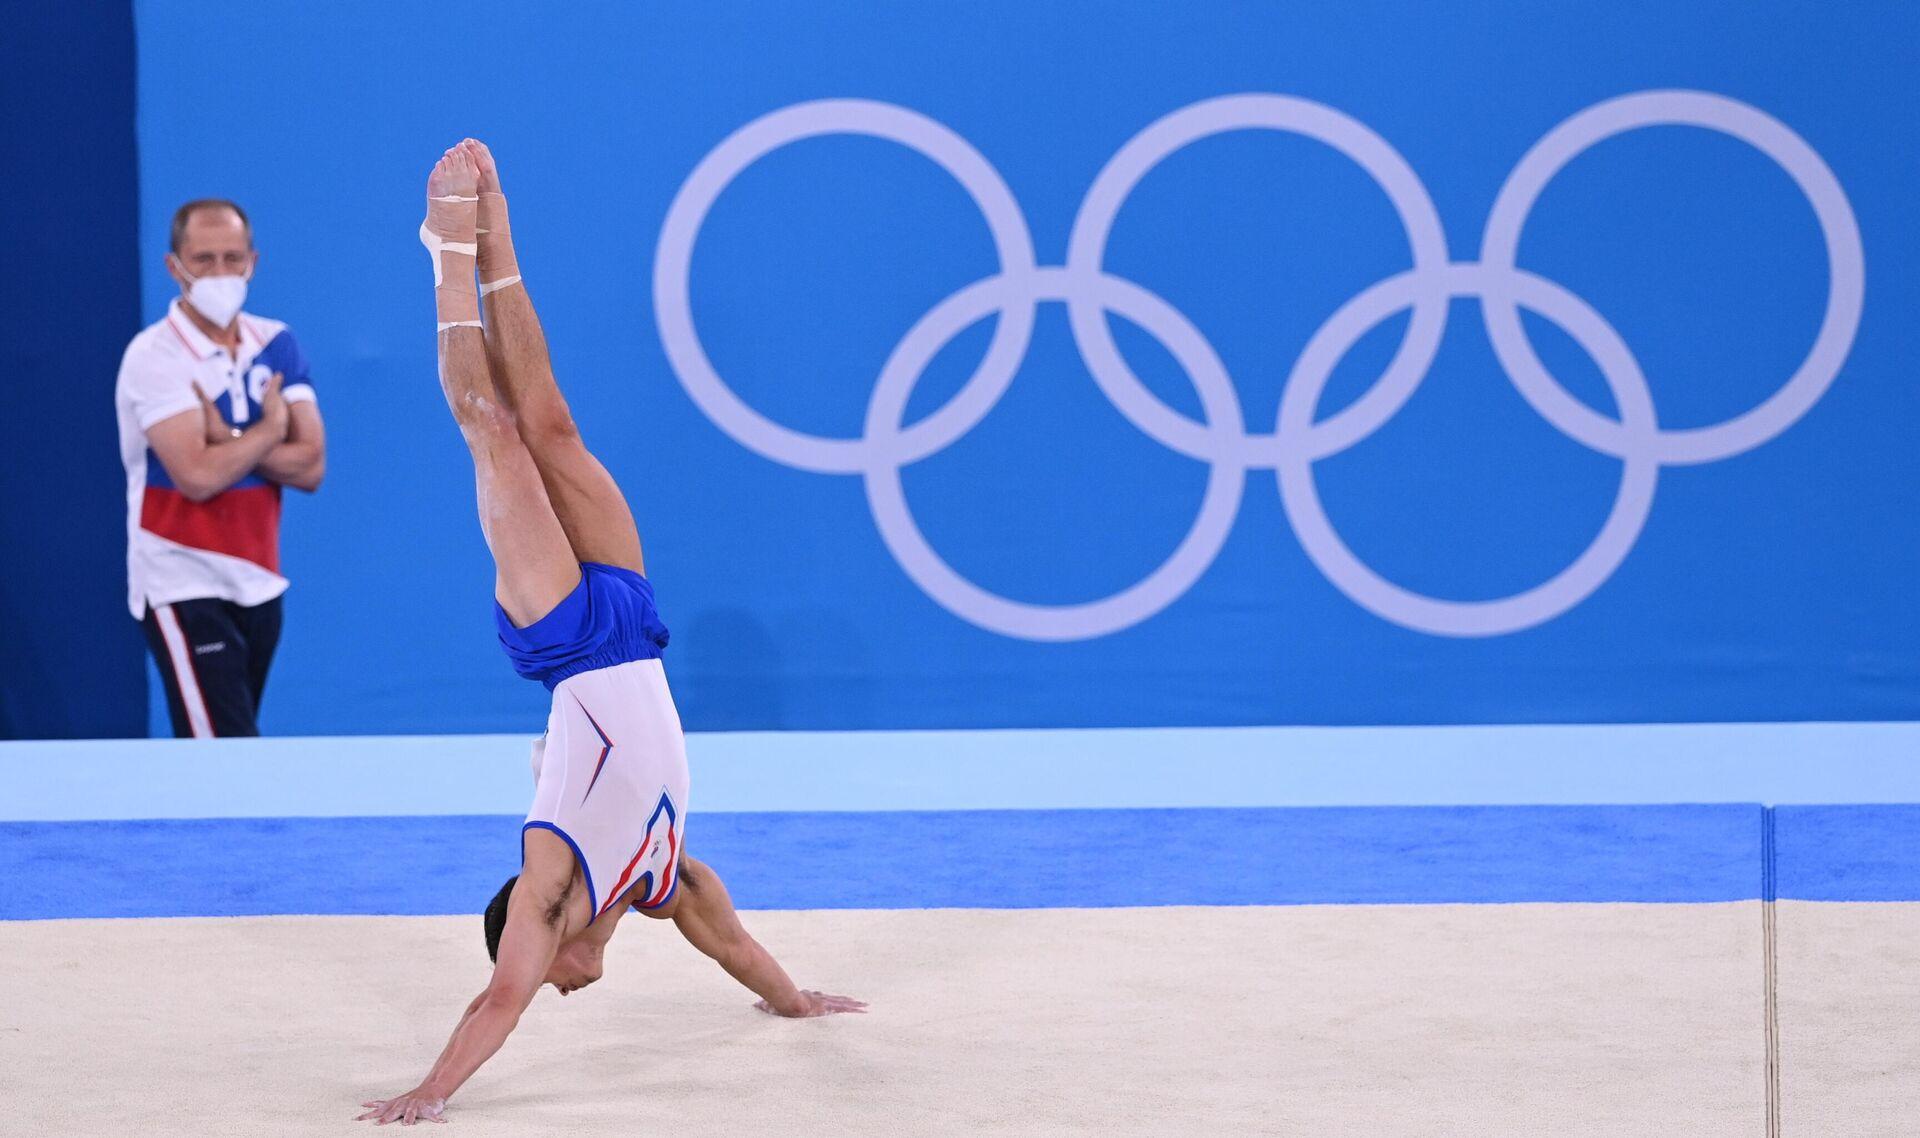 Российский спортсмен Артур Далалоян выполняет вольные упражнения - Sputnik Беларусь, 1920, 26.07.2021